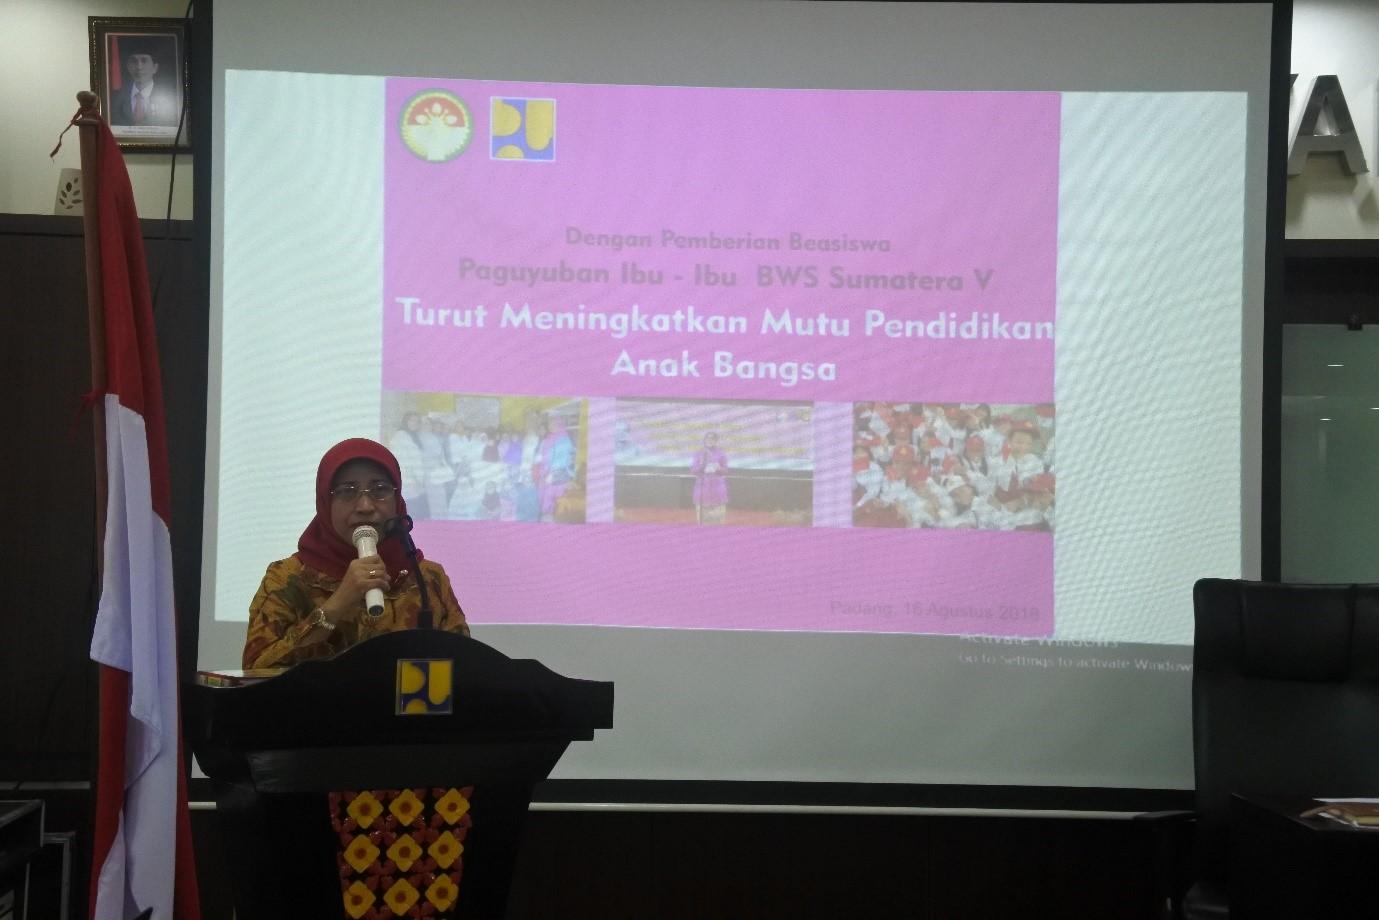 Paguyuban Ibu – Ibu BWS Sumatera V Turut Meningkatkan Mutu Pendidikan Anak Bangsa melalui Penyerahan Beasiswa